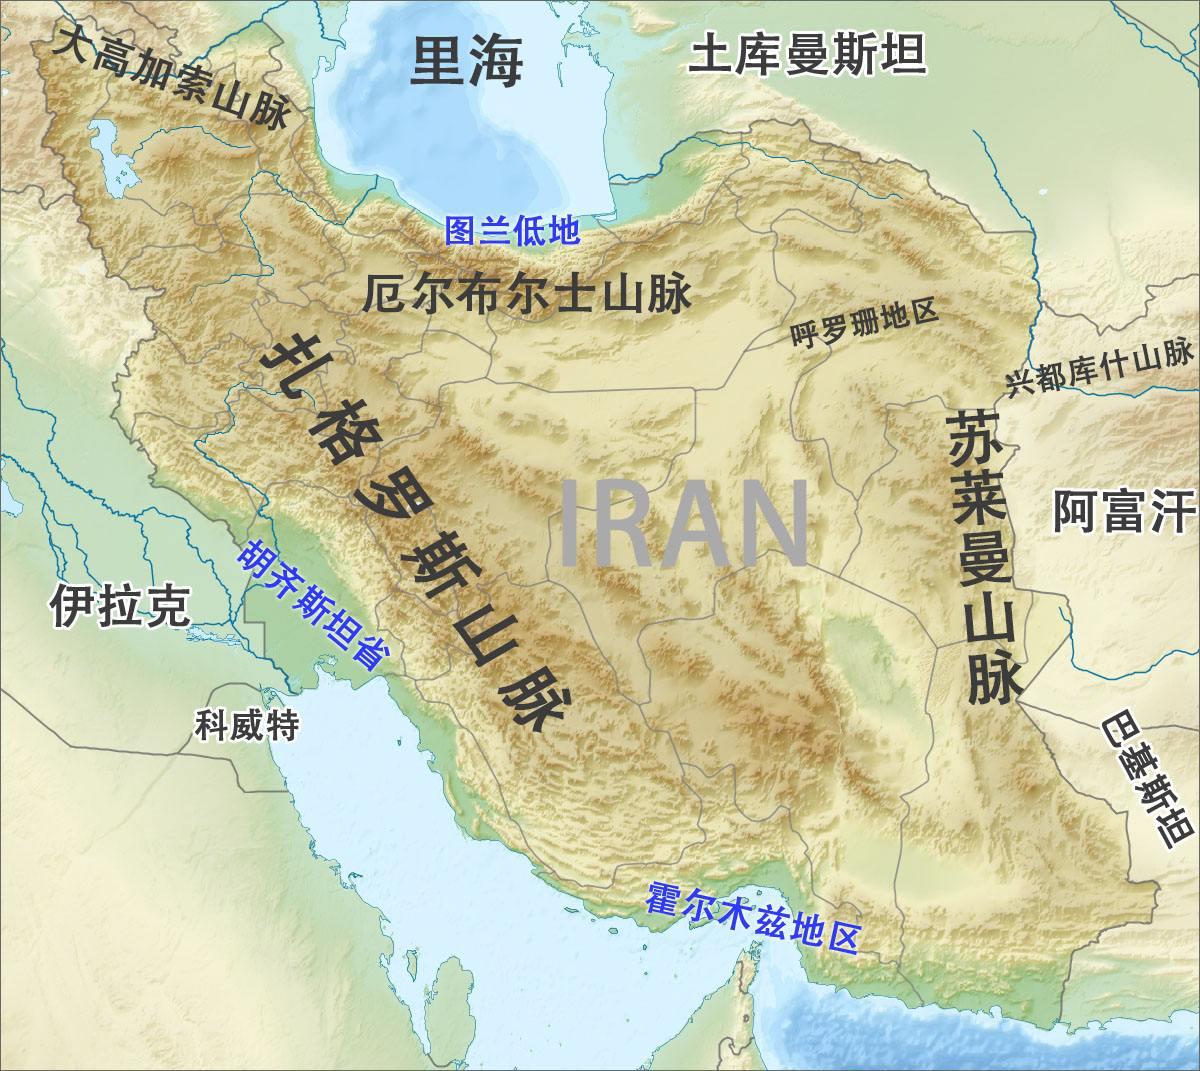 西南部的阿拉伯半岛是一个由远古时期前寒武纪时的古大陆形成的台地